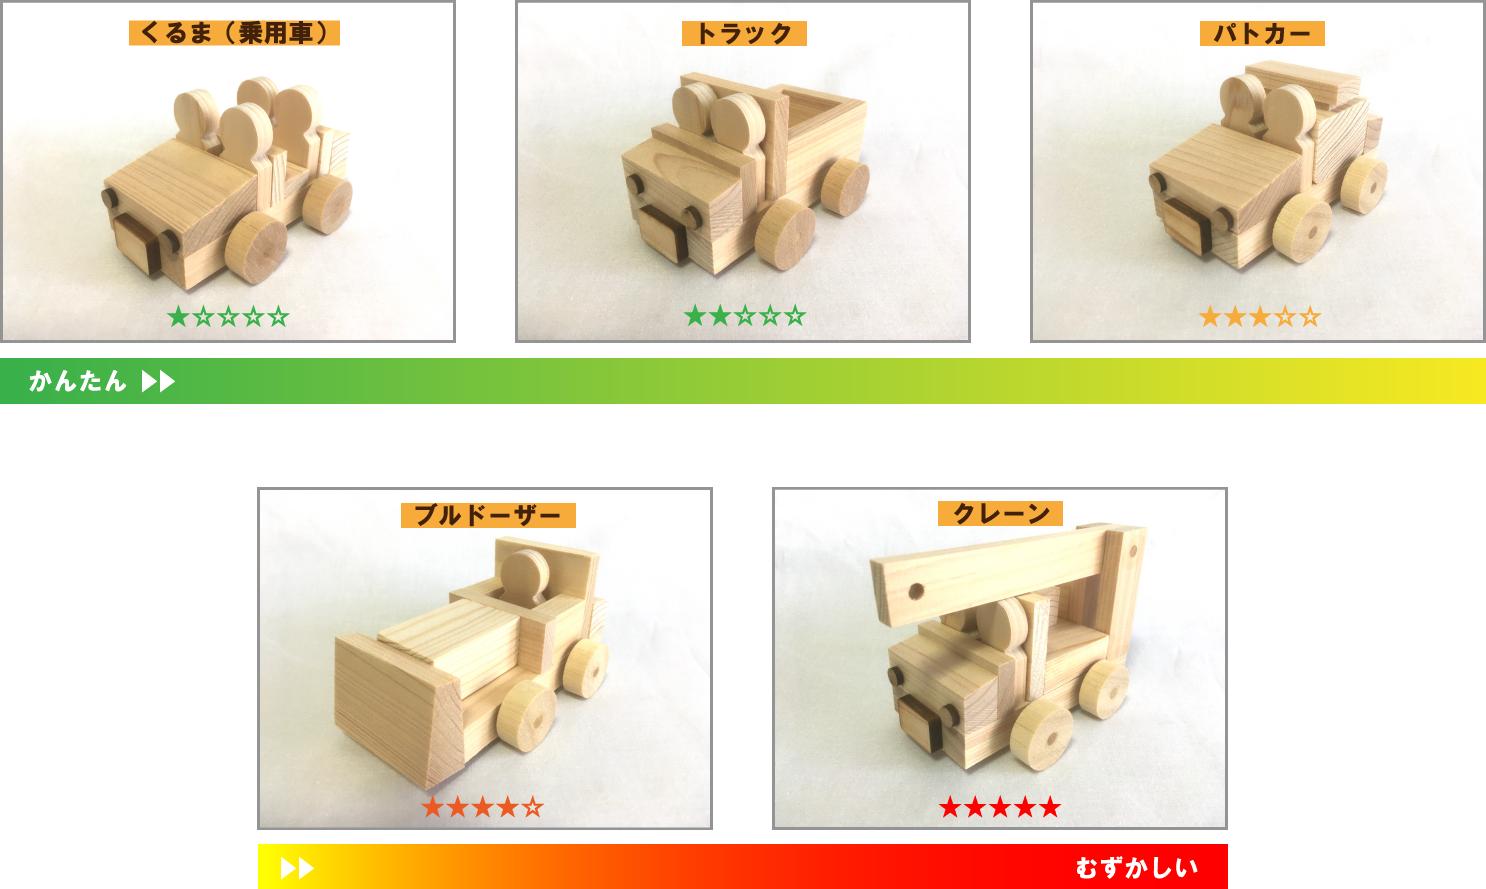 木工クルマづくり_工作キットの種類PC